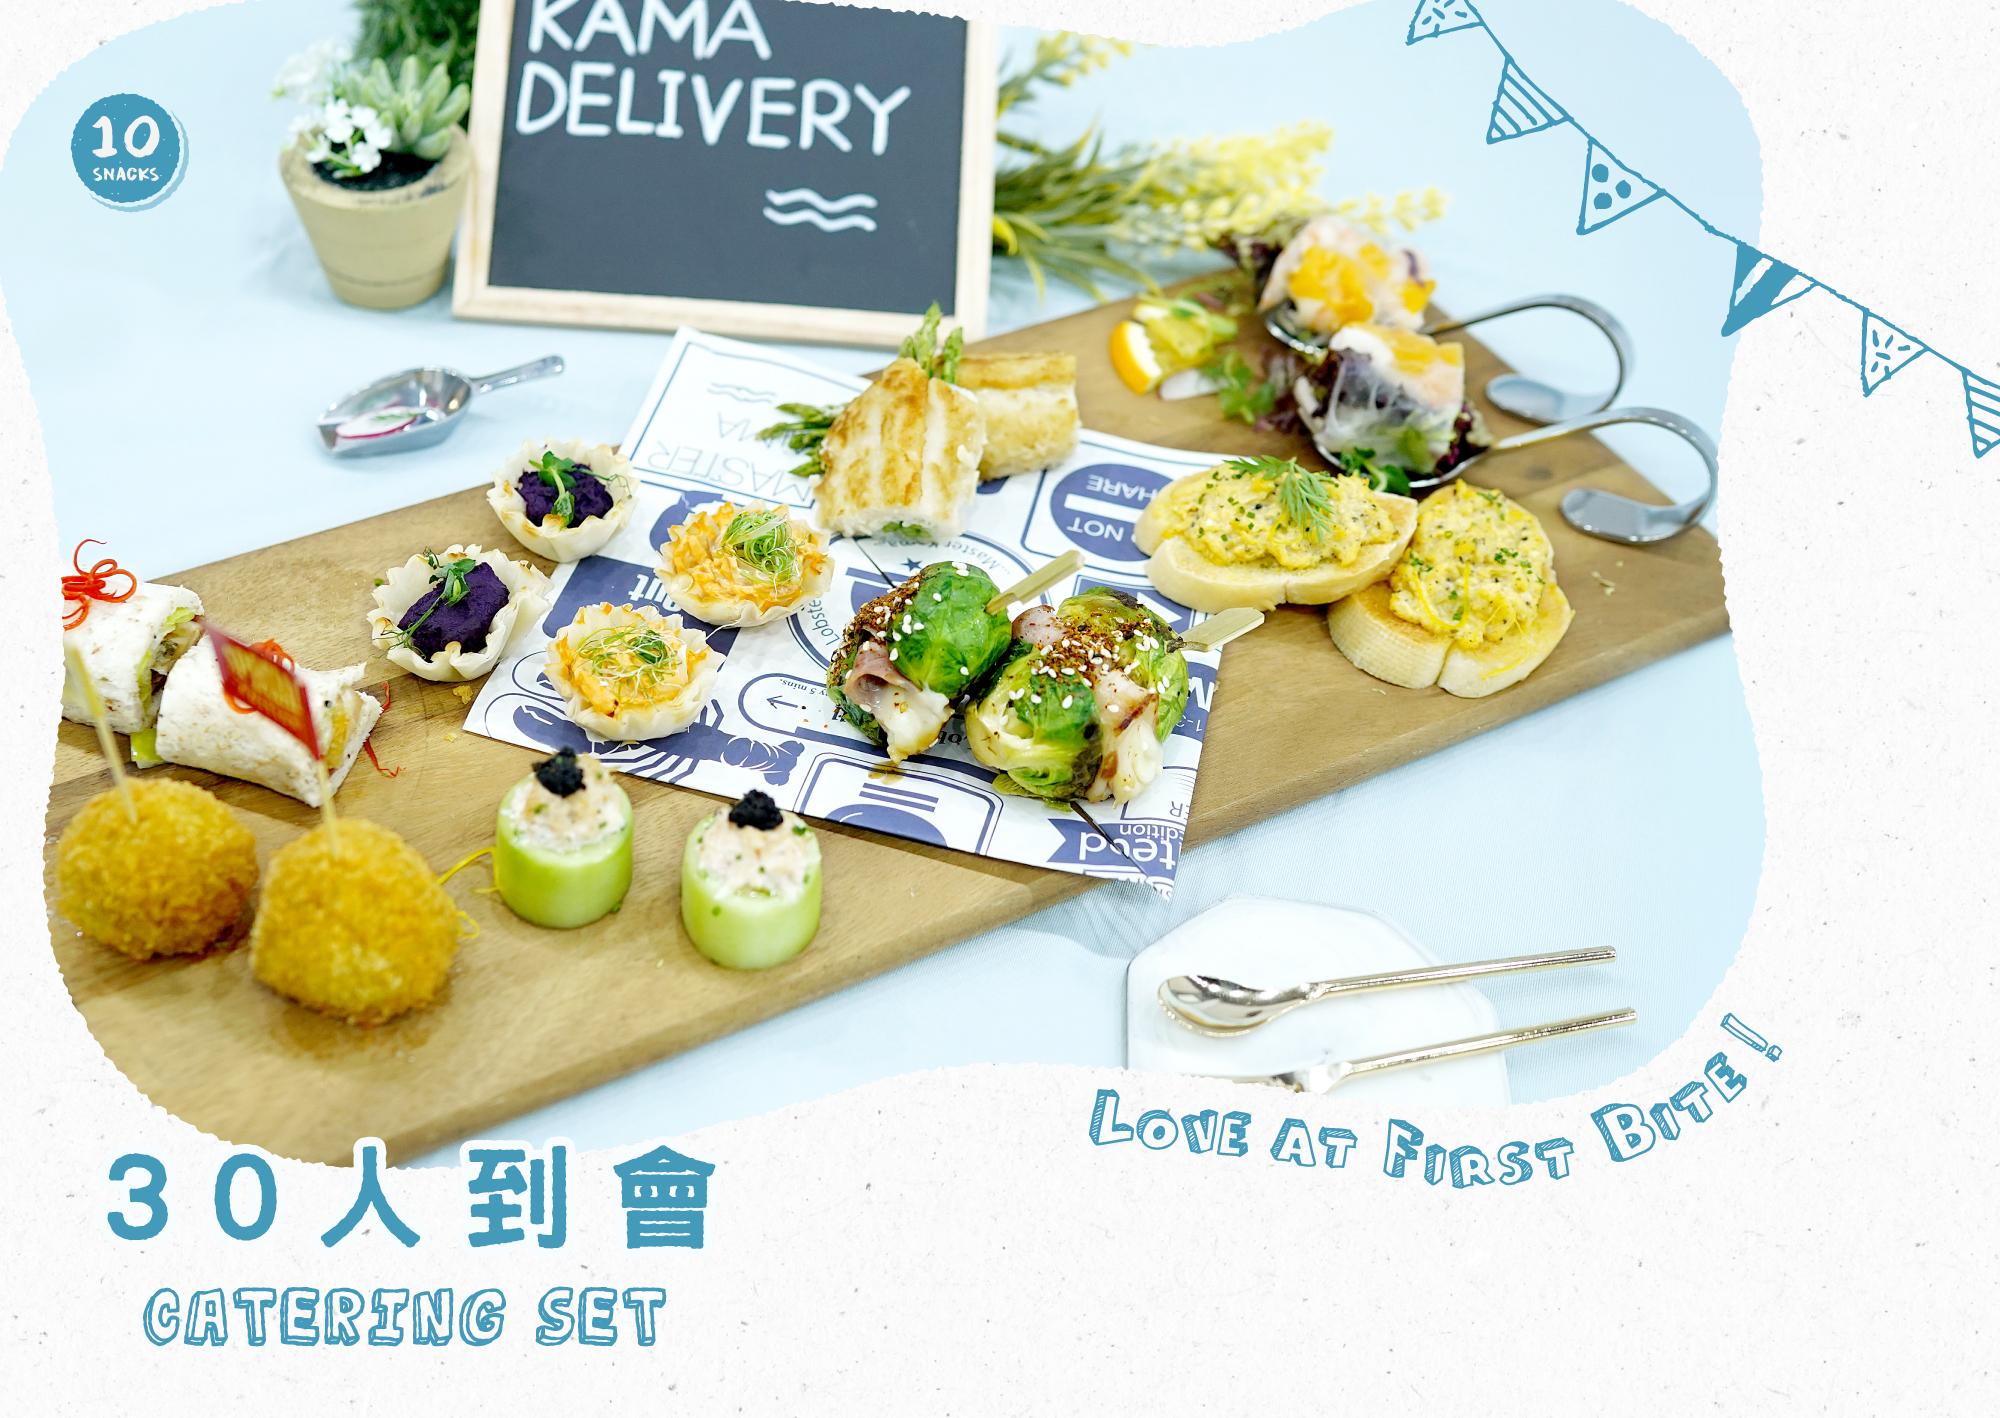 30人到會推介|Kama Delivery提供多款小食到會套餐、單點小食,是你派對活動最好伙伴!